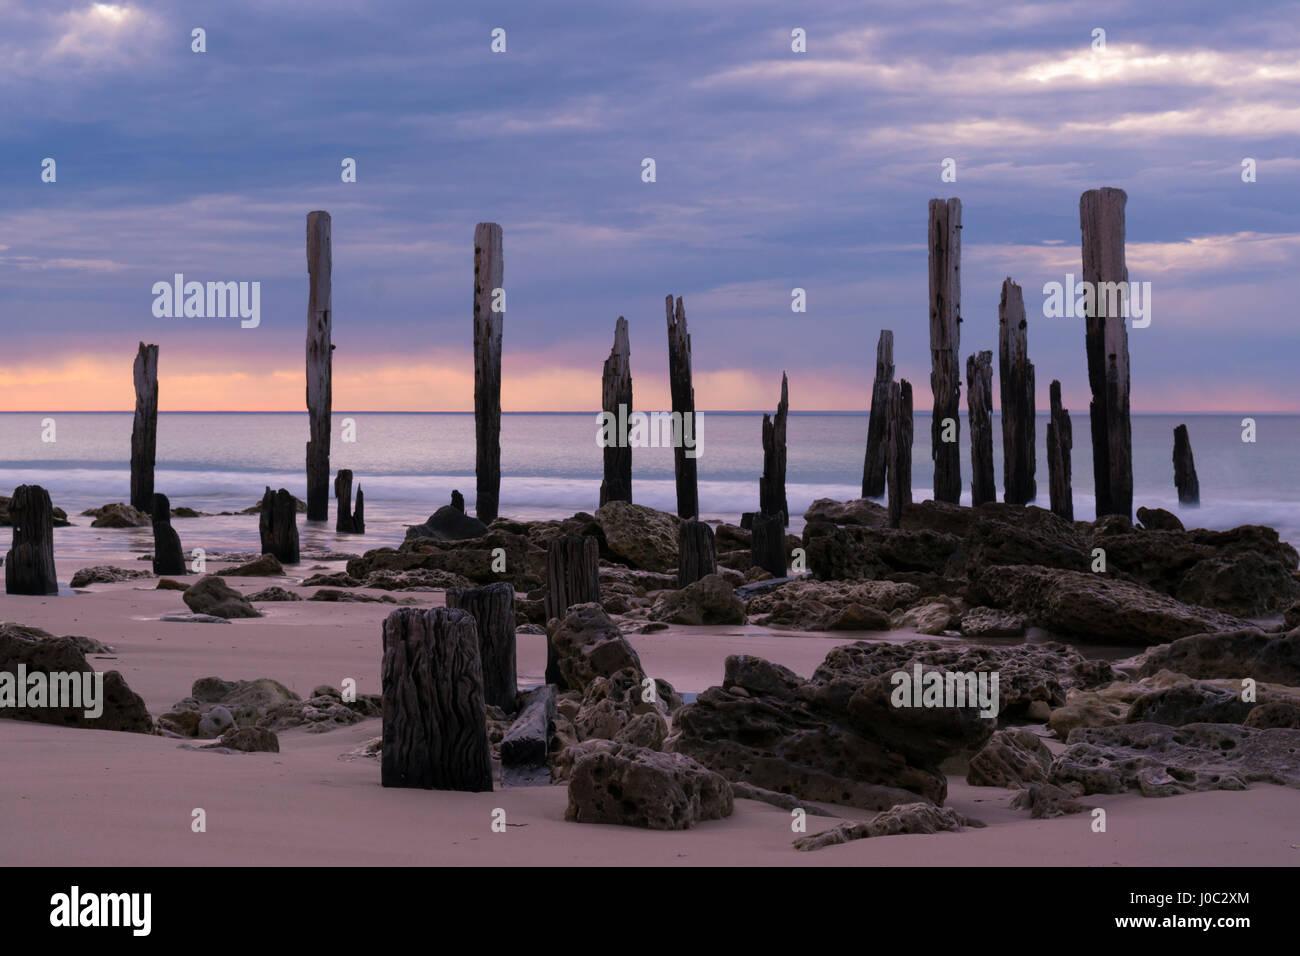 Der Steg Ruinen am Port Willunga, South Australia bei Sonnenuntergang. Langsame Verschlusszeit, glatten ruhigen Stockbild